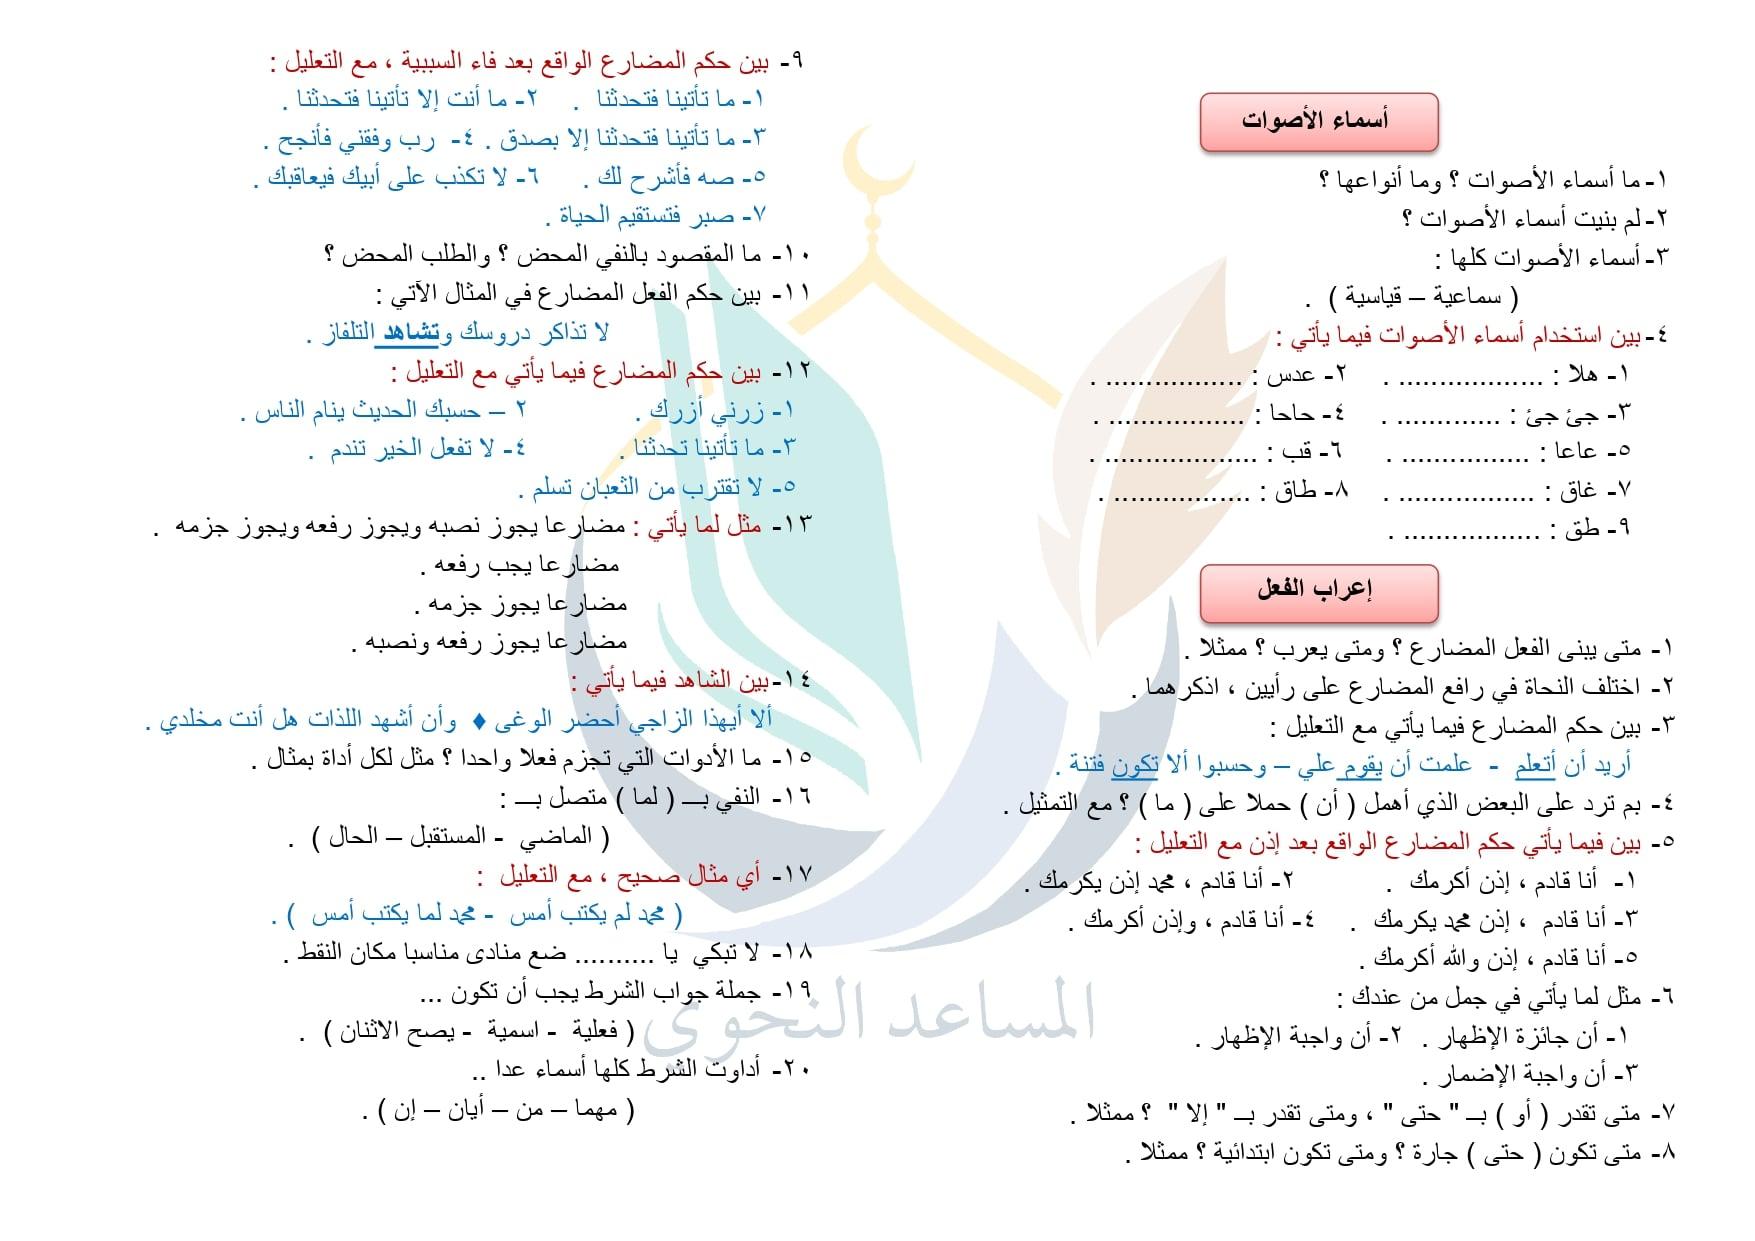 مراجعة منهج النحو للصف الثالث الثانوي العلمي (الأزهري) 3